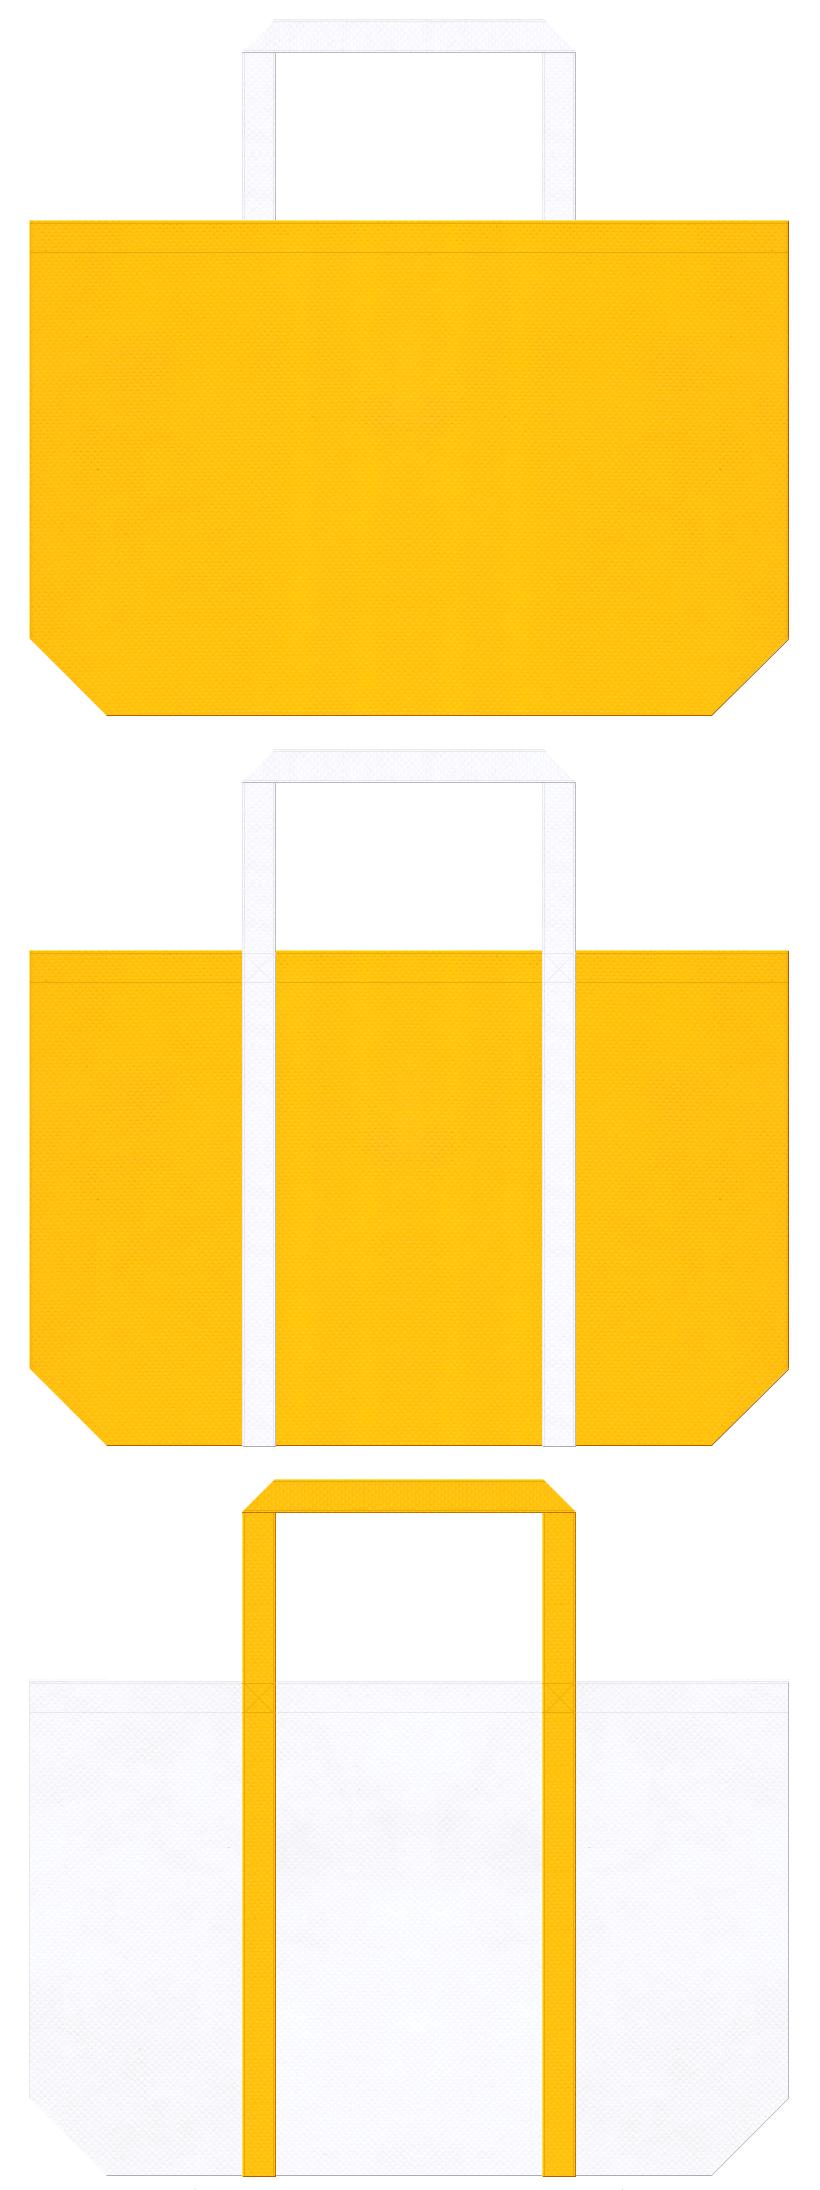 電気・通信・エネルギー・レモン・ビタミン・サプリメント・たまご・交通安全・通園バッグ・キッズイベントにお奨めの不織布バッグデザイン:黄色と白色のコーデ